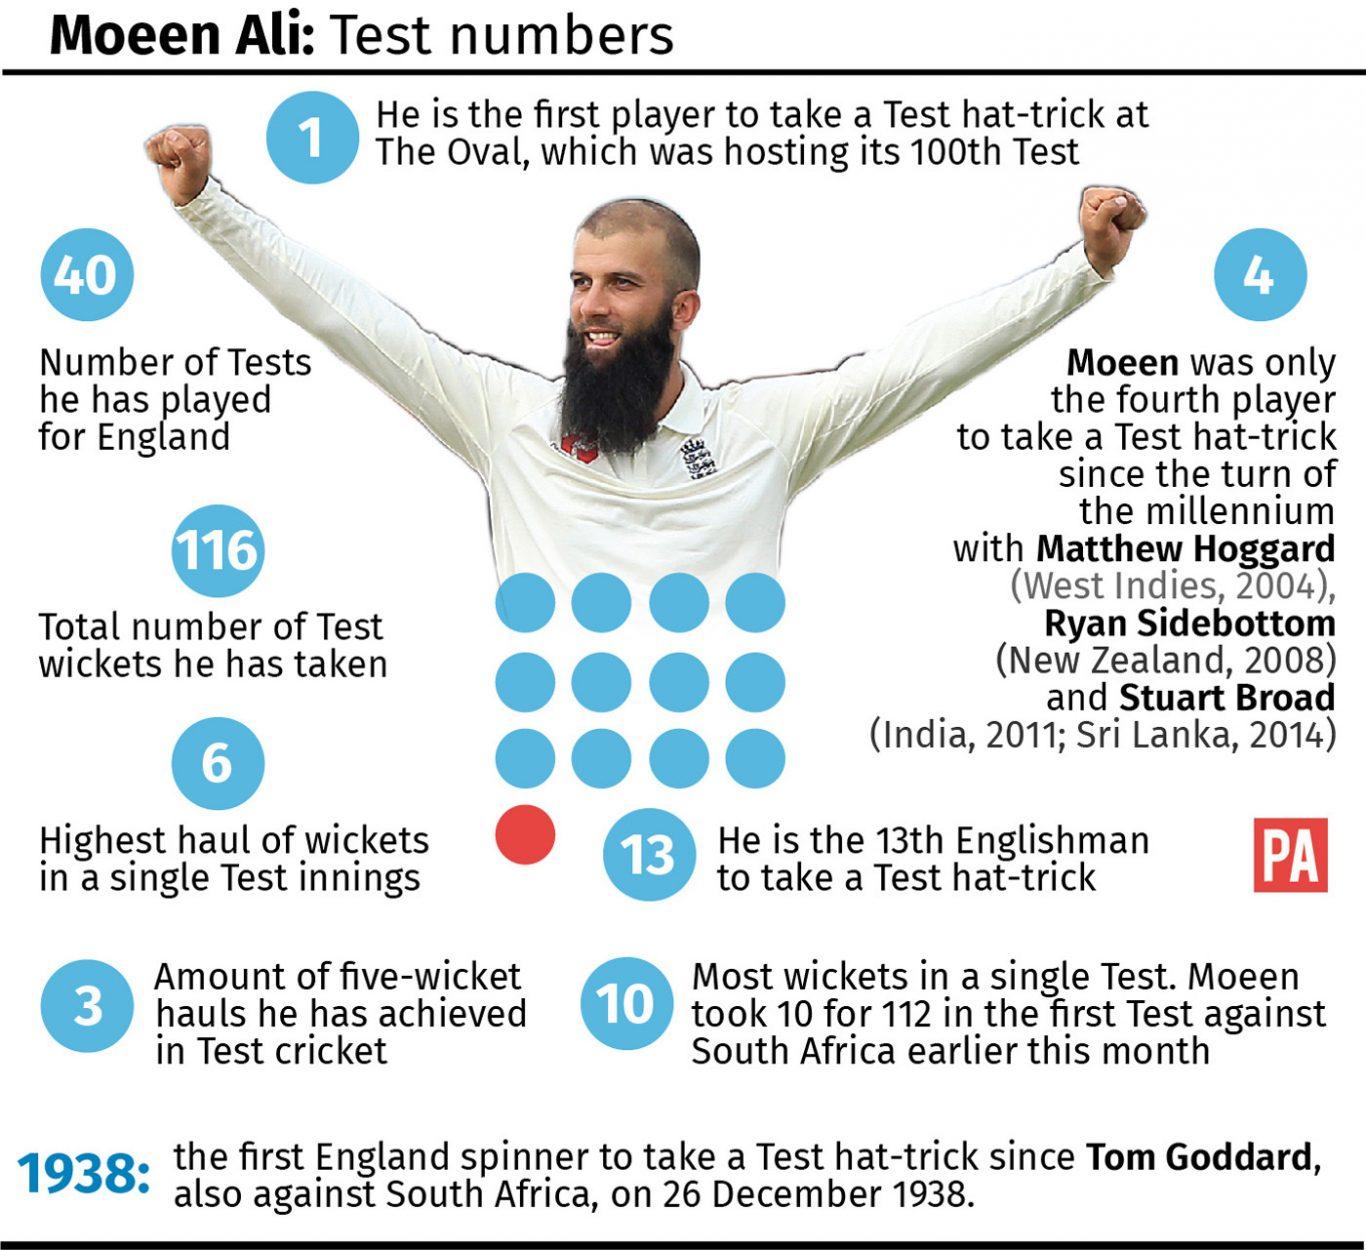 Moeen Ali: Test numbers